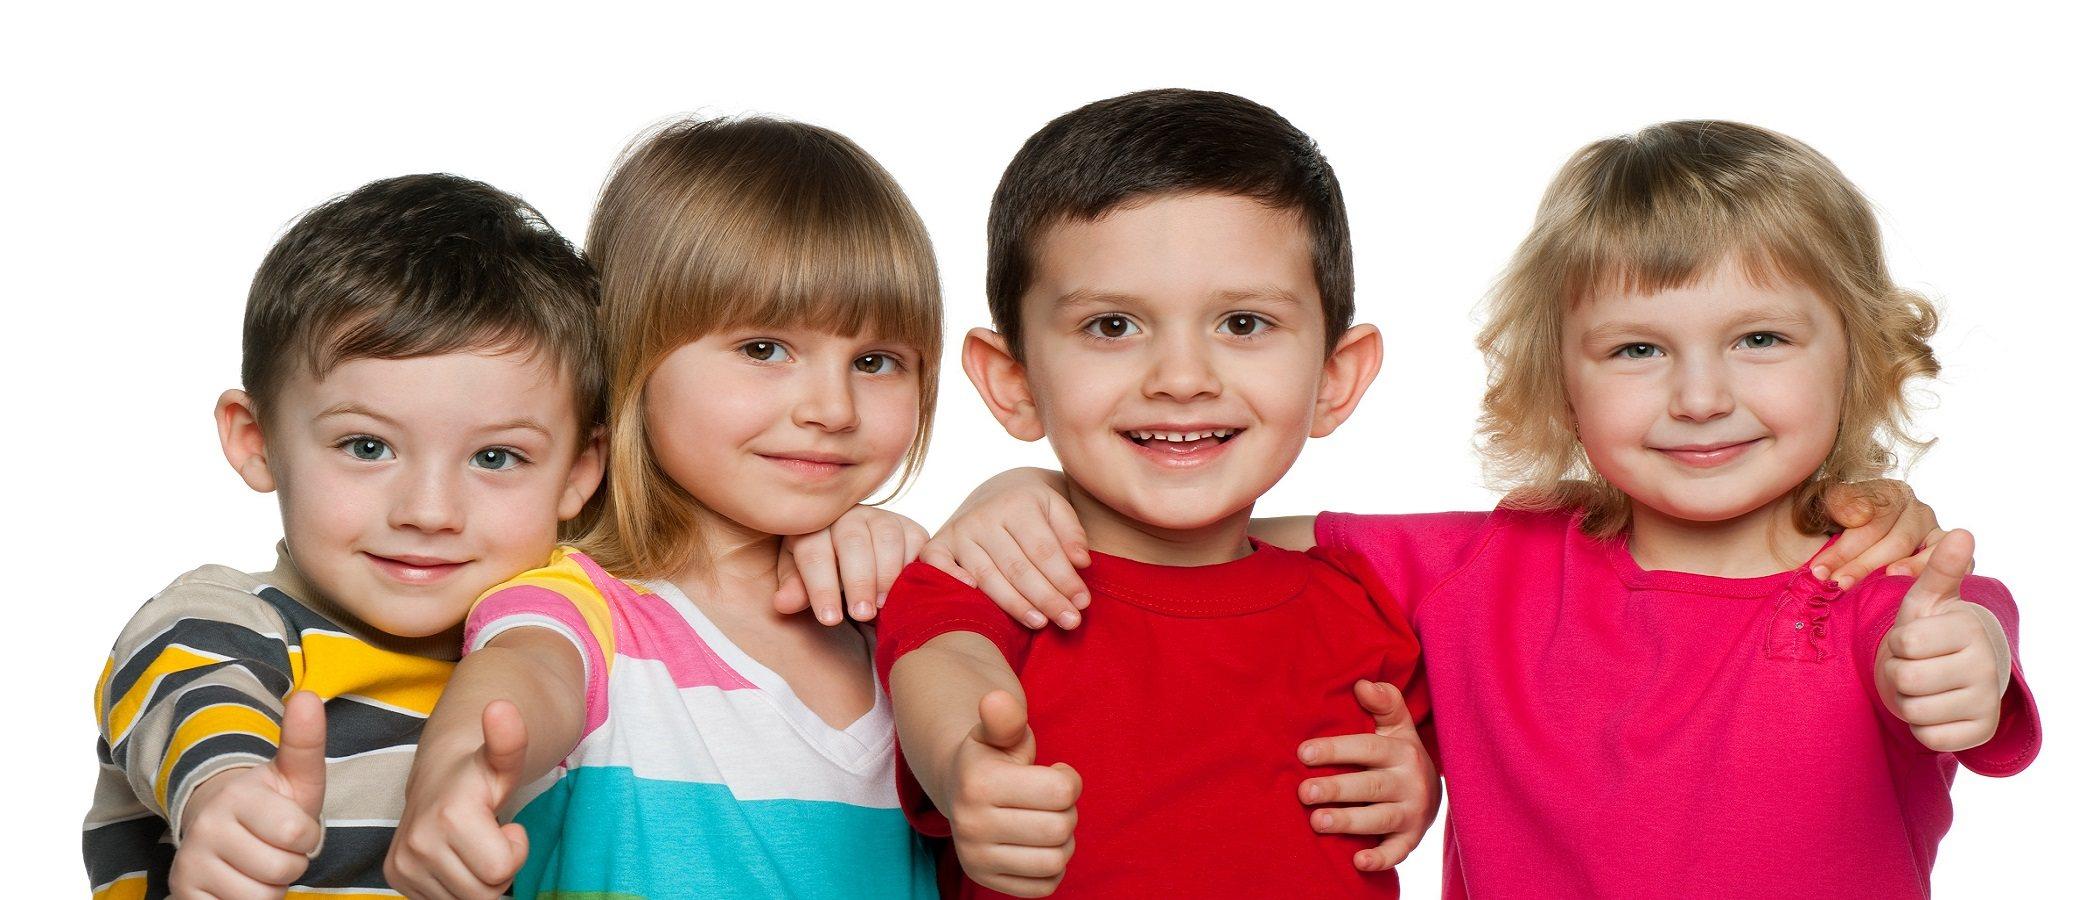 Cómo construir carácter y no ego en los niños